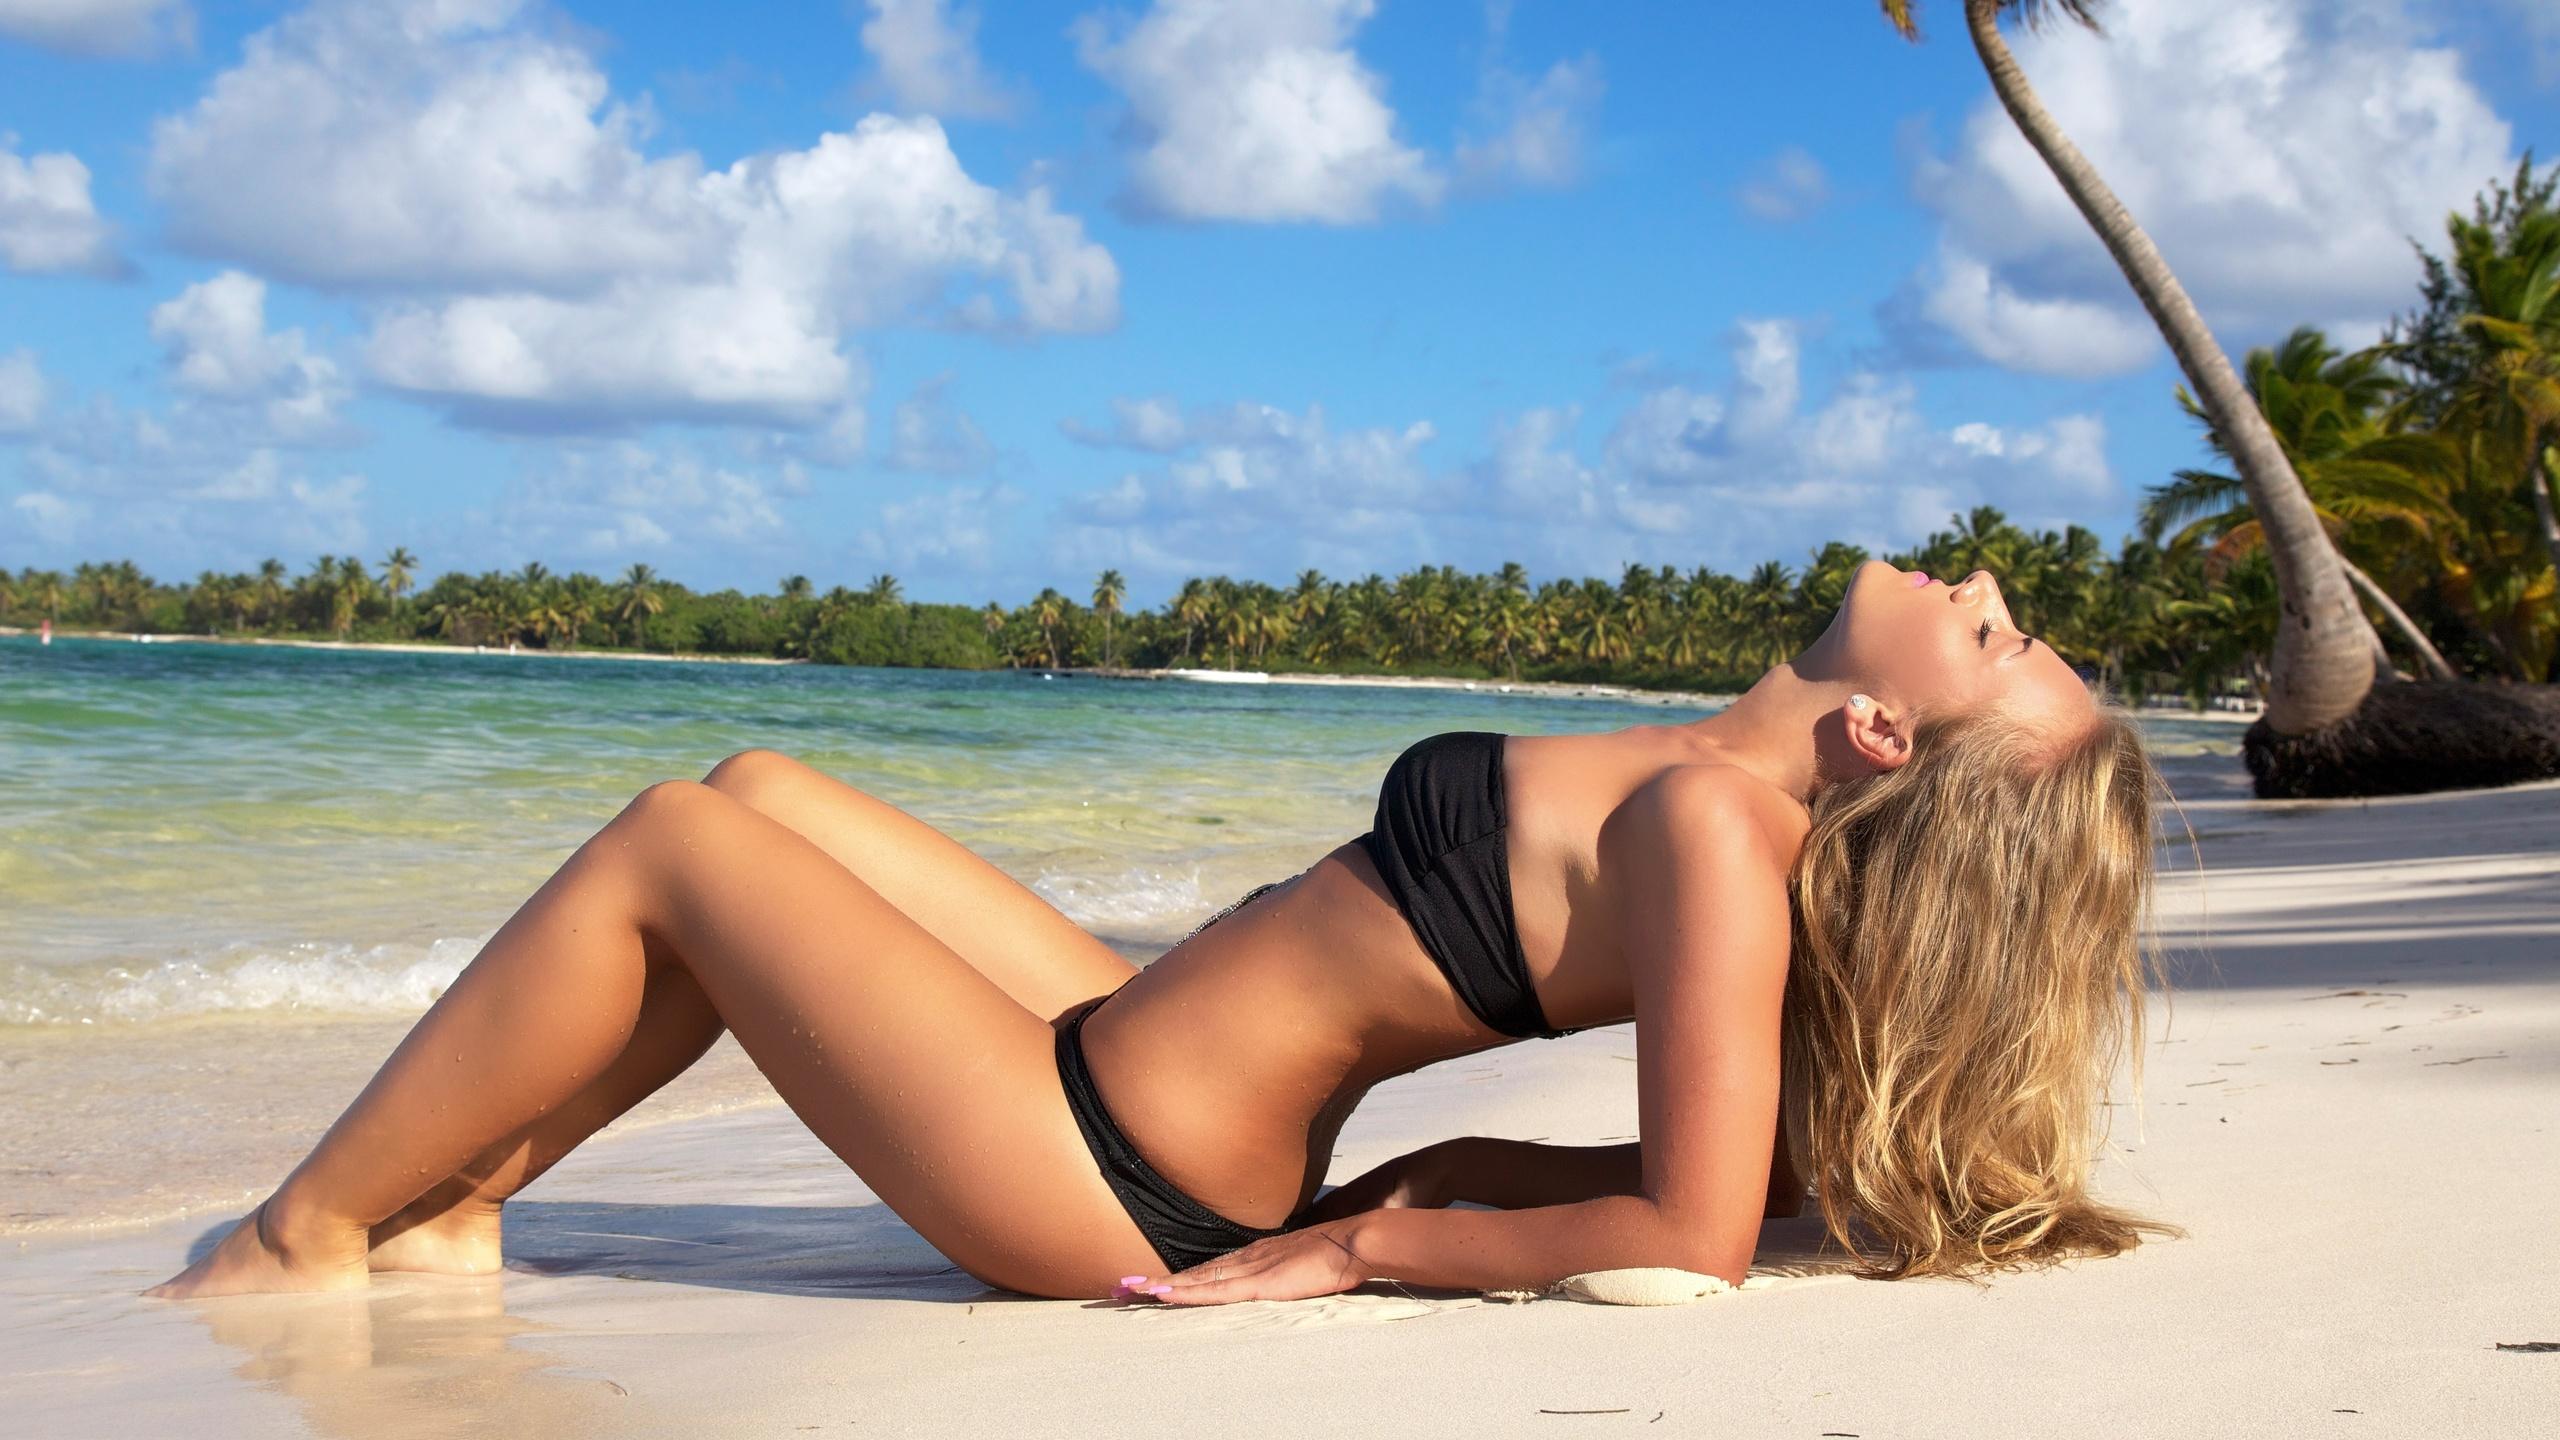 Картинки девушек блондинок в купальниках фото 487-356